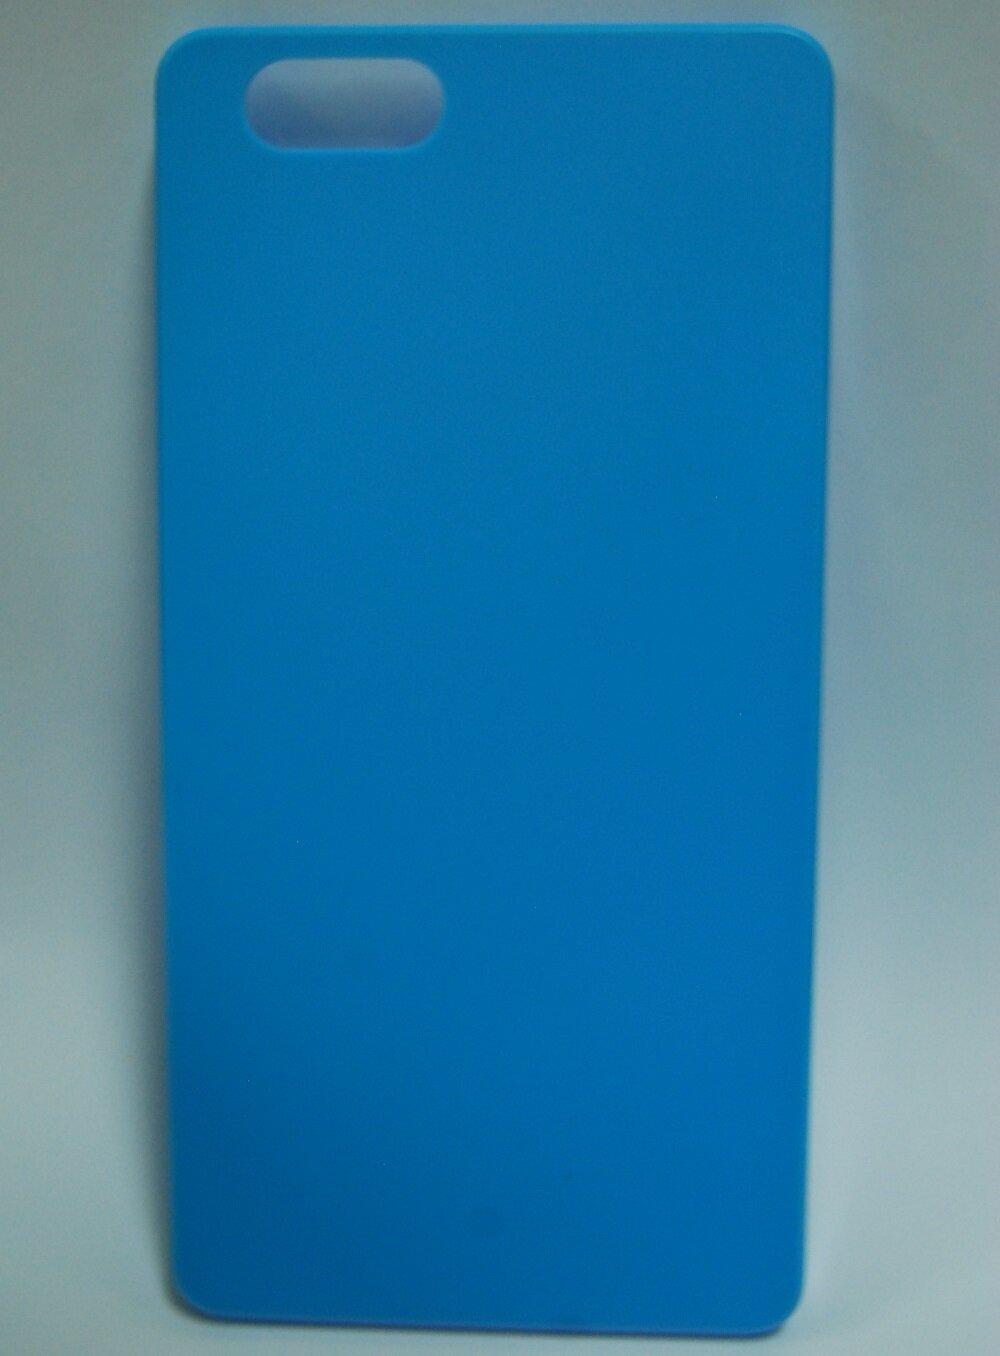 Ốp lưng điện thoại Oppo R1 R829